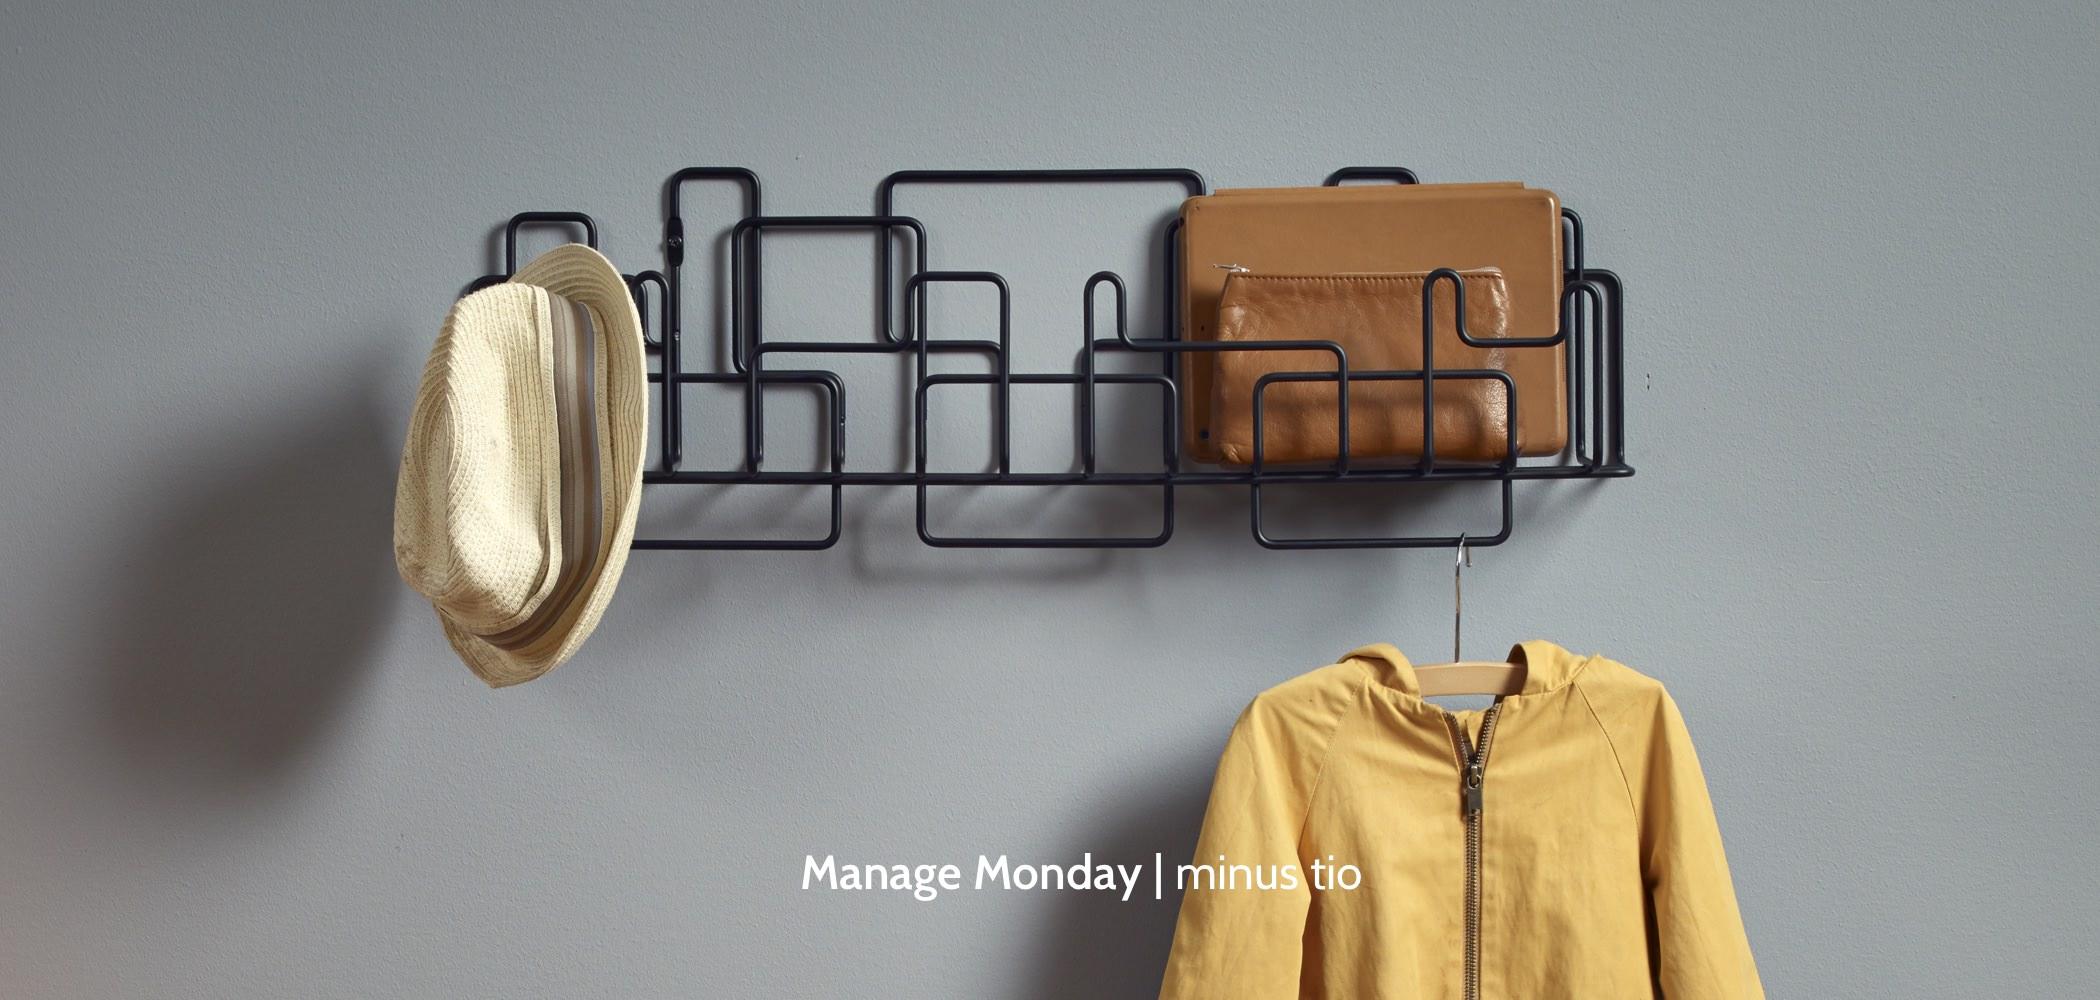 Minus tio Manage Monday